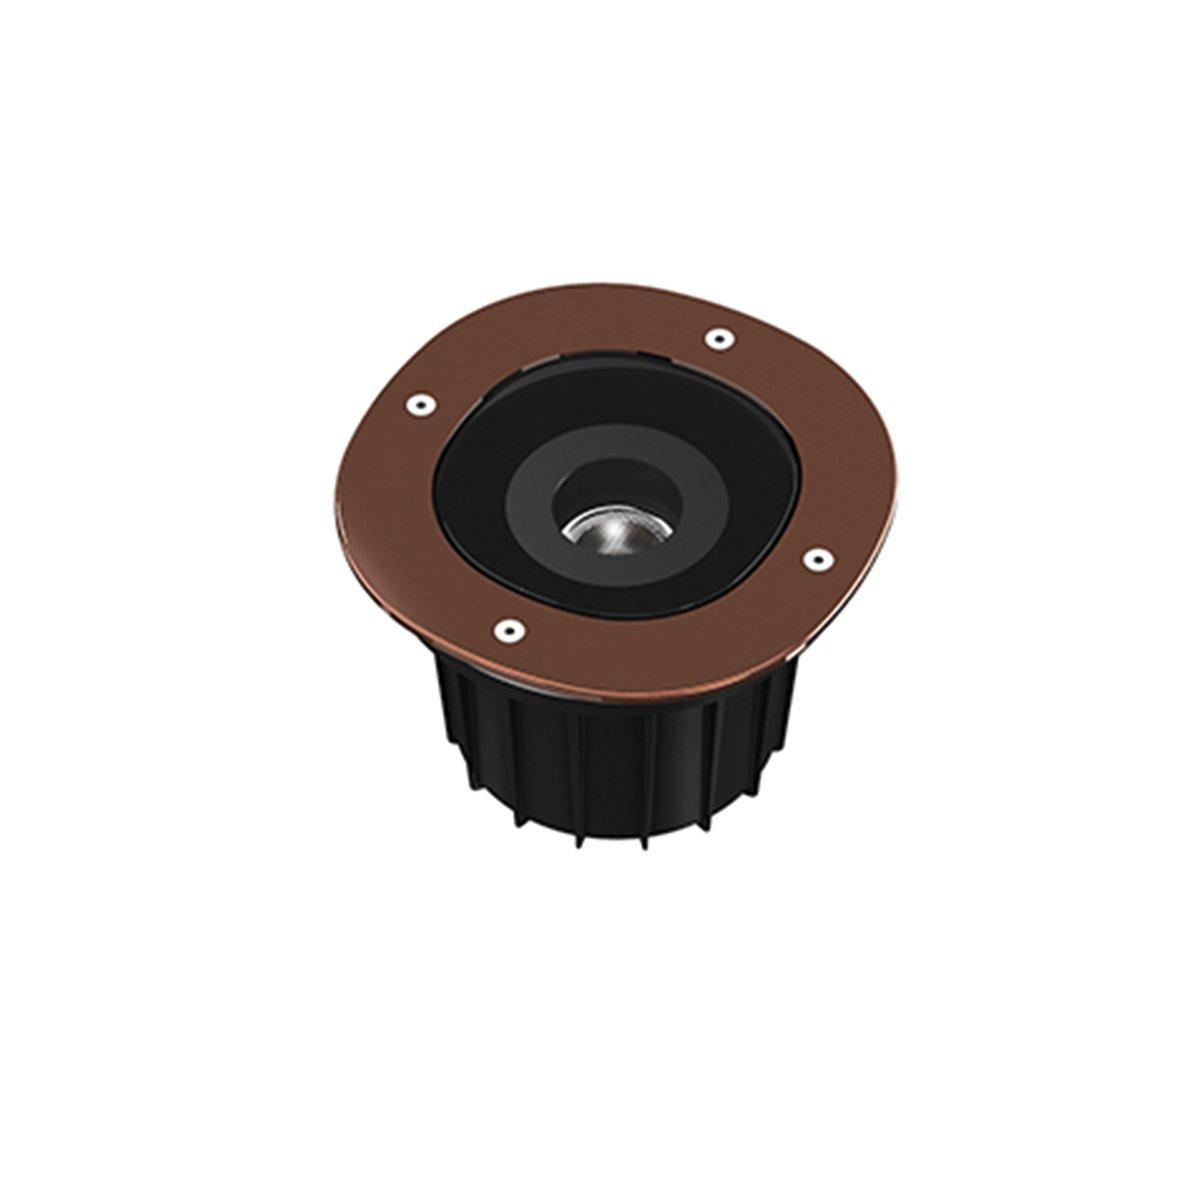 FLOS A-Round 150 Outdoor Vloerlamp - Koper Stralingshoek: 50°